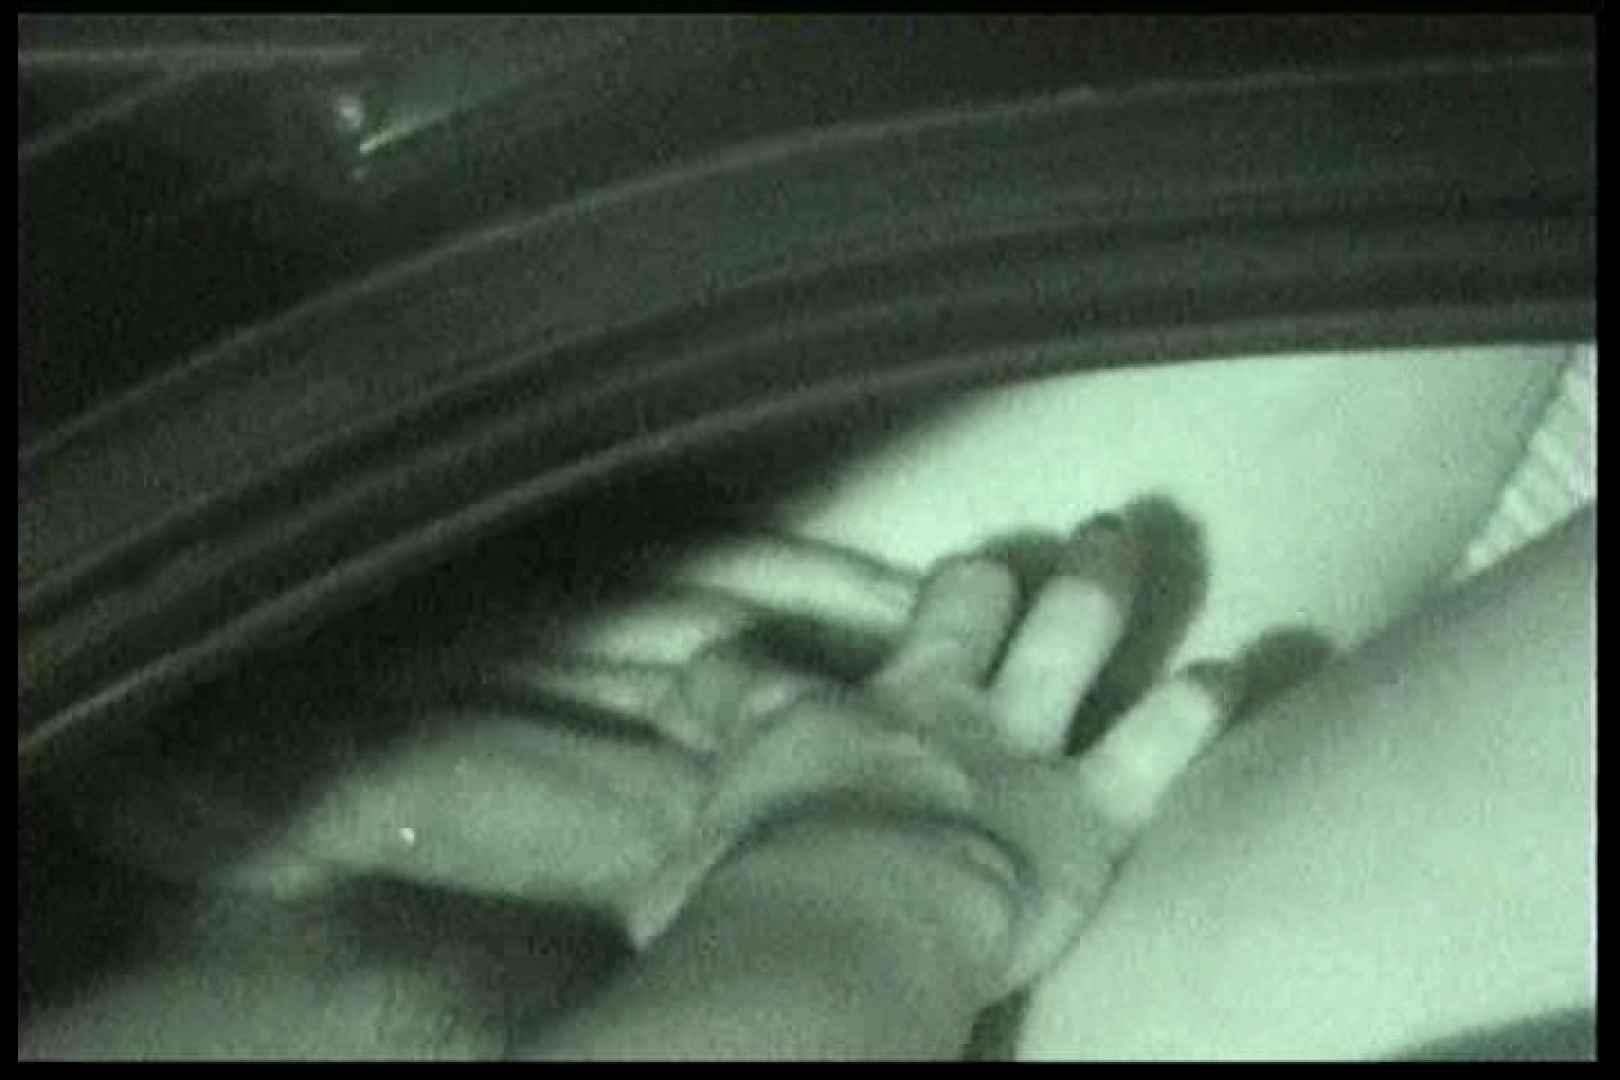 車の中はラブホテル 無修正版  Vol.13 ホテル おめこ無修正画像 65PIX 64